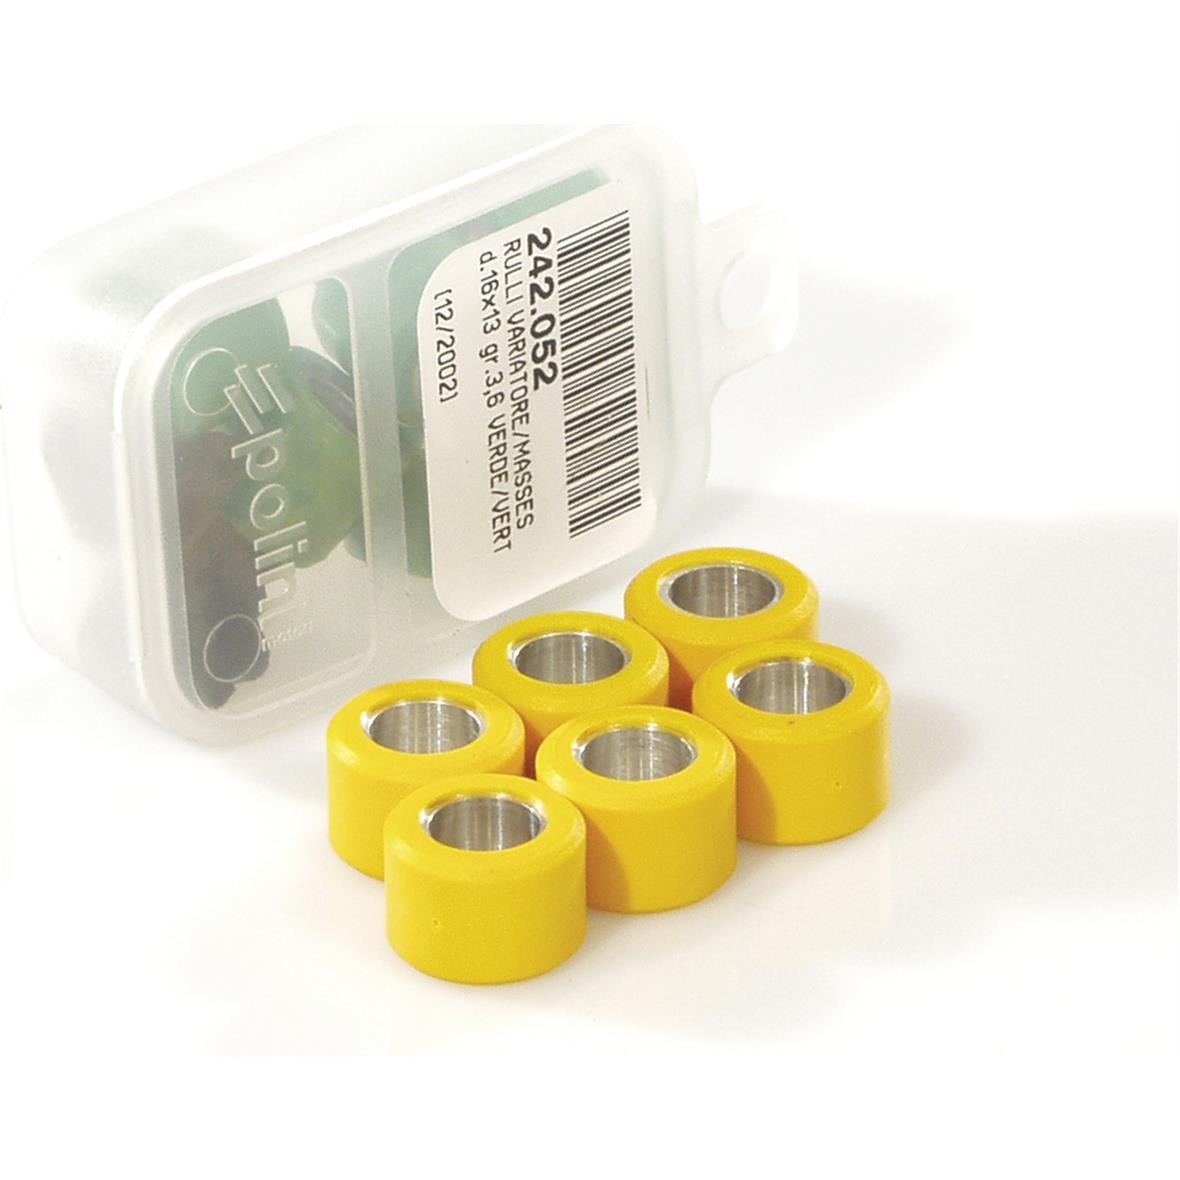 Obrázek výrobku pro 'Válečky variátoru POLINI 20x12 mm 14,1 gramTitle'